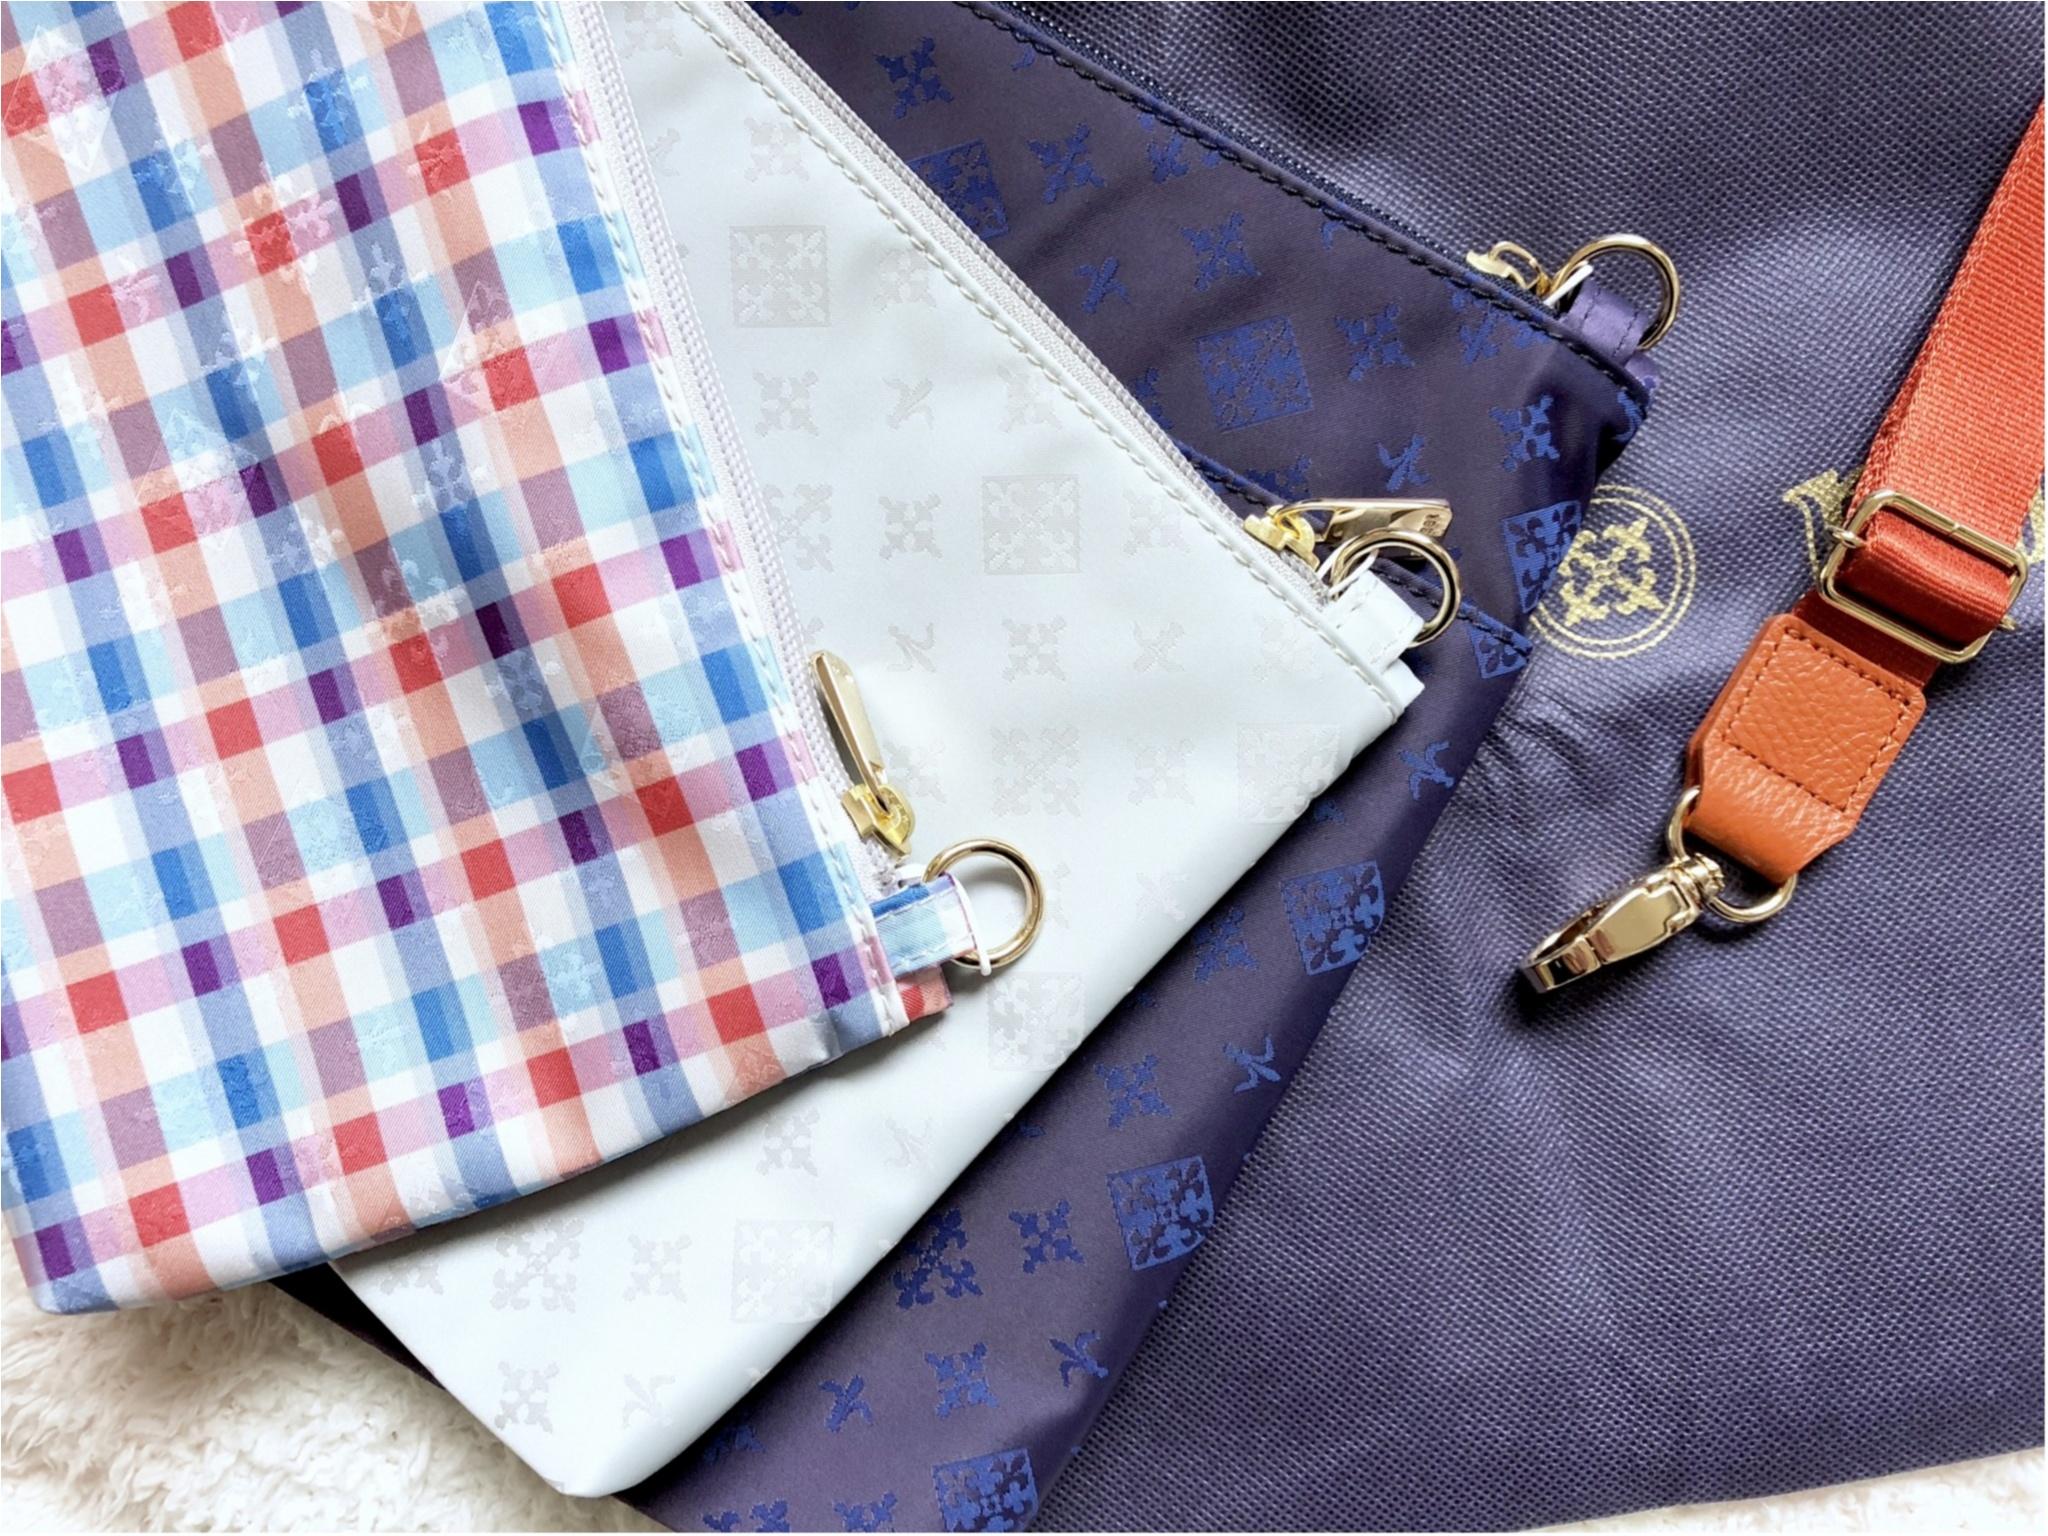 みんなどんなバッグ使ってるの? 憧れブランドもまとめて「愛用バッグ」まとめ♡♡_1_18